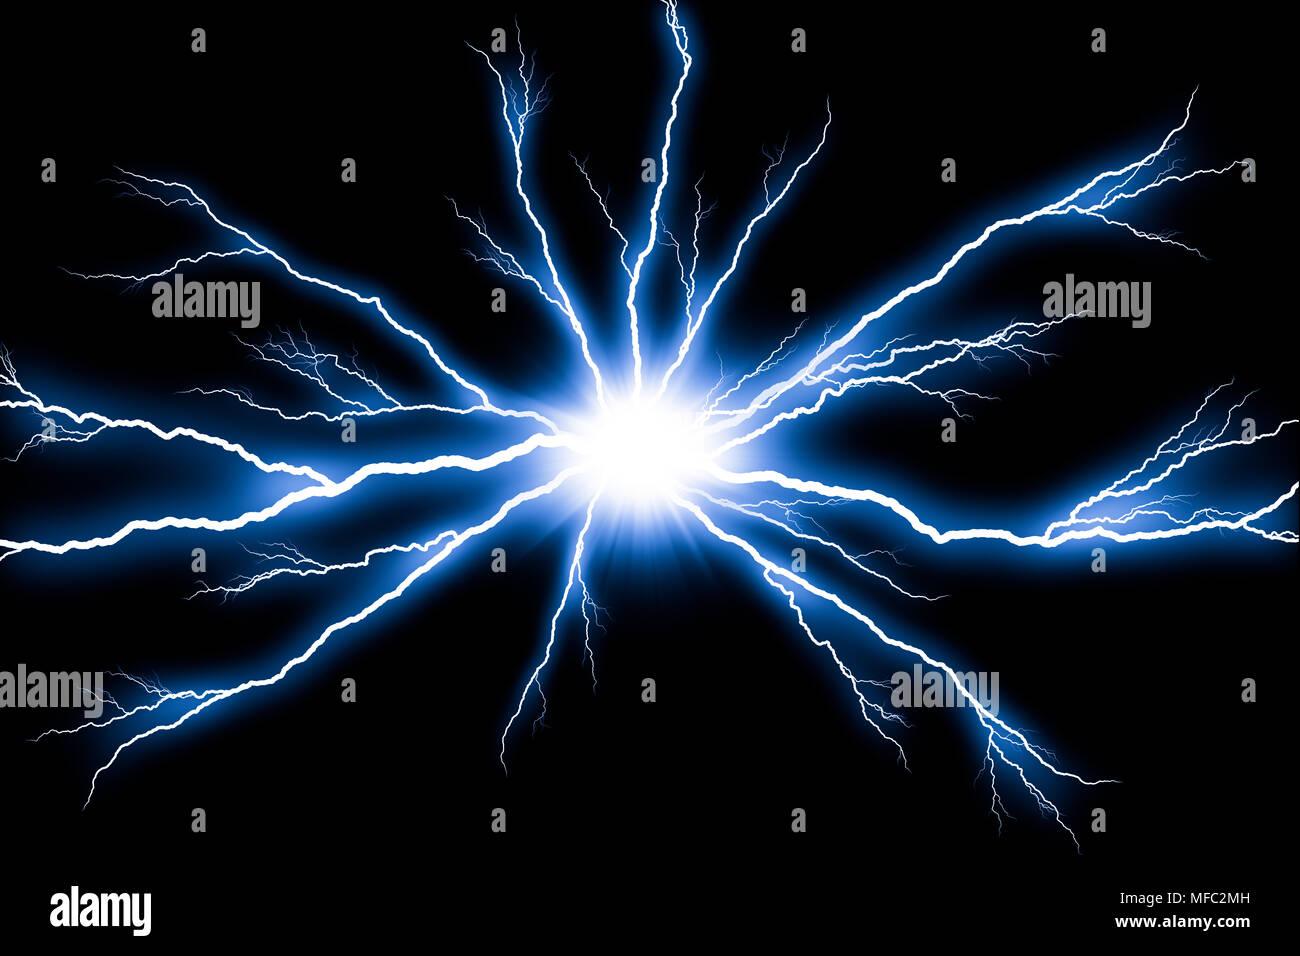 Electricity Lightning Flash Thunder Isolated On Black Background Stock Photo Alamy